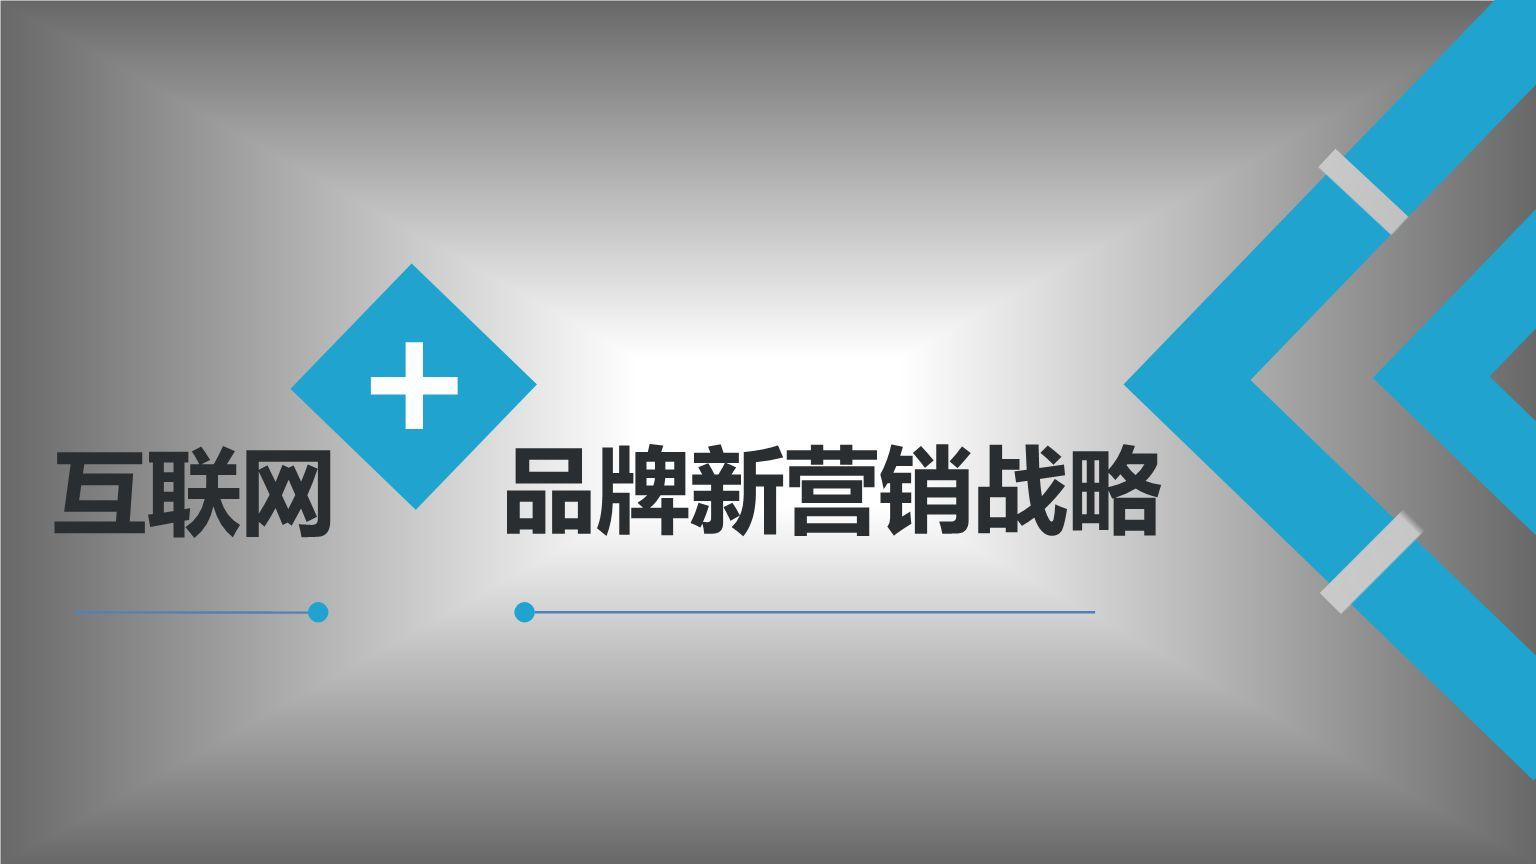 九州互营:品牌营销推广对于企业的重要性可谓不可或缺